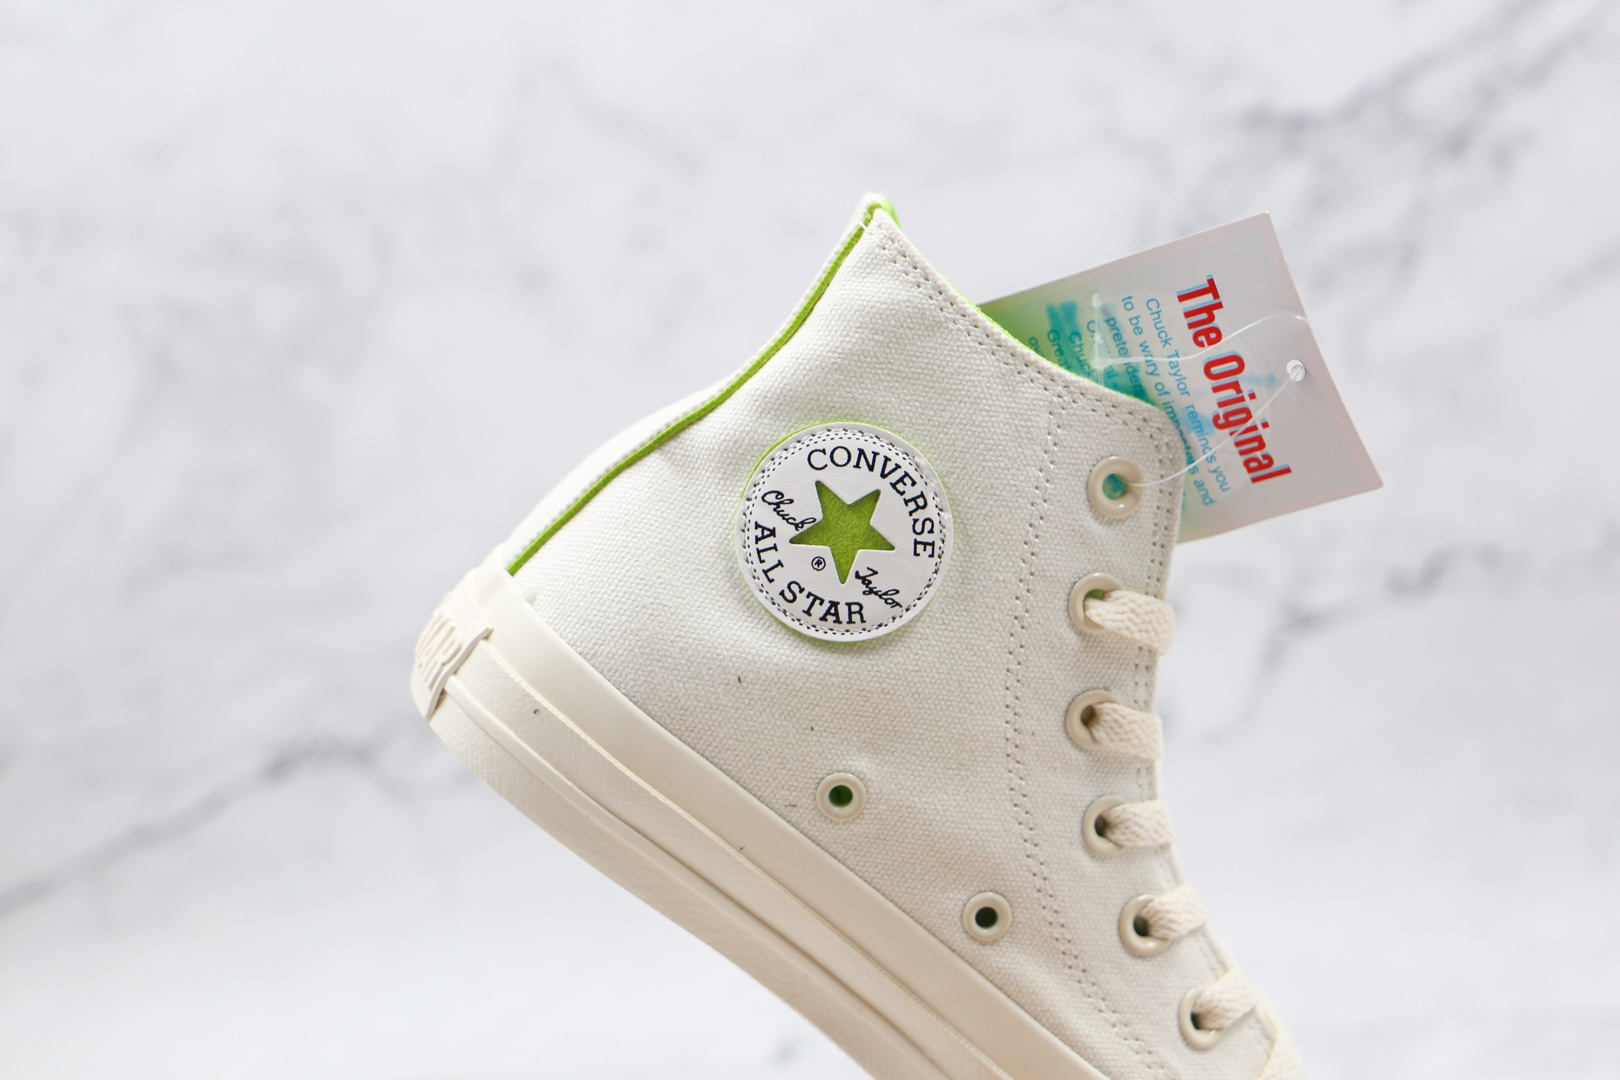 匡威Converse All star cosmoinwhite公司级版本日系限定高帮板鞋白绿色原厂硫化工艺